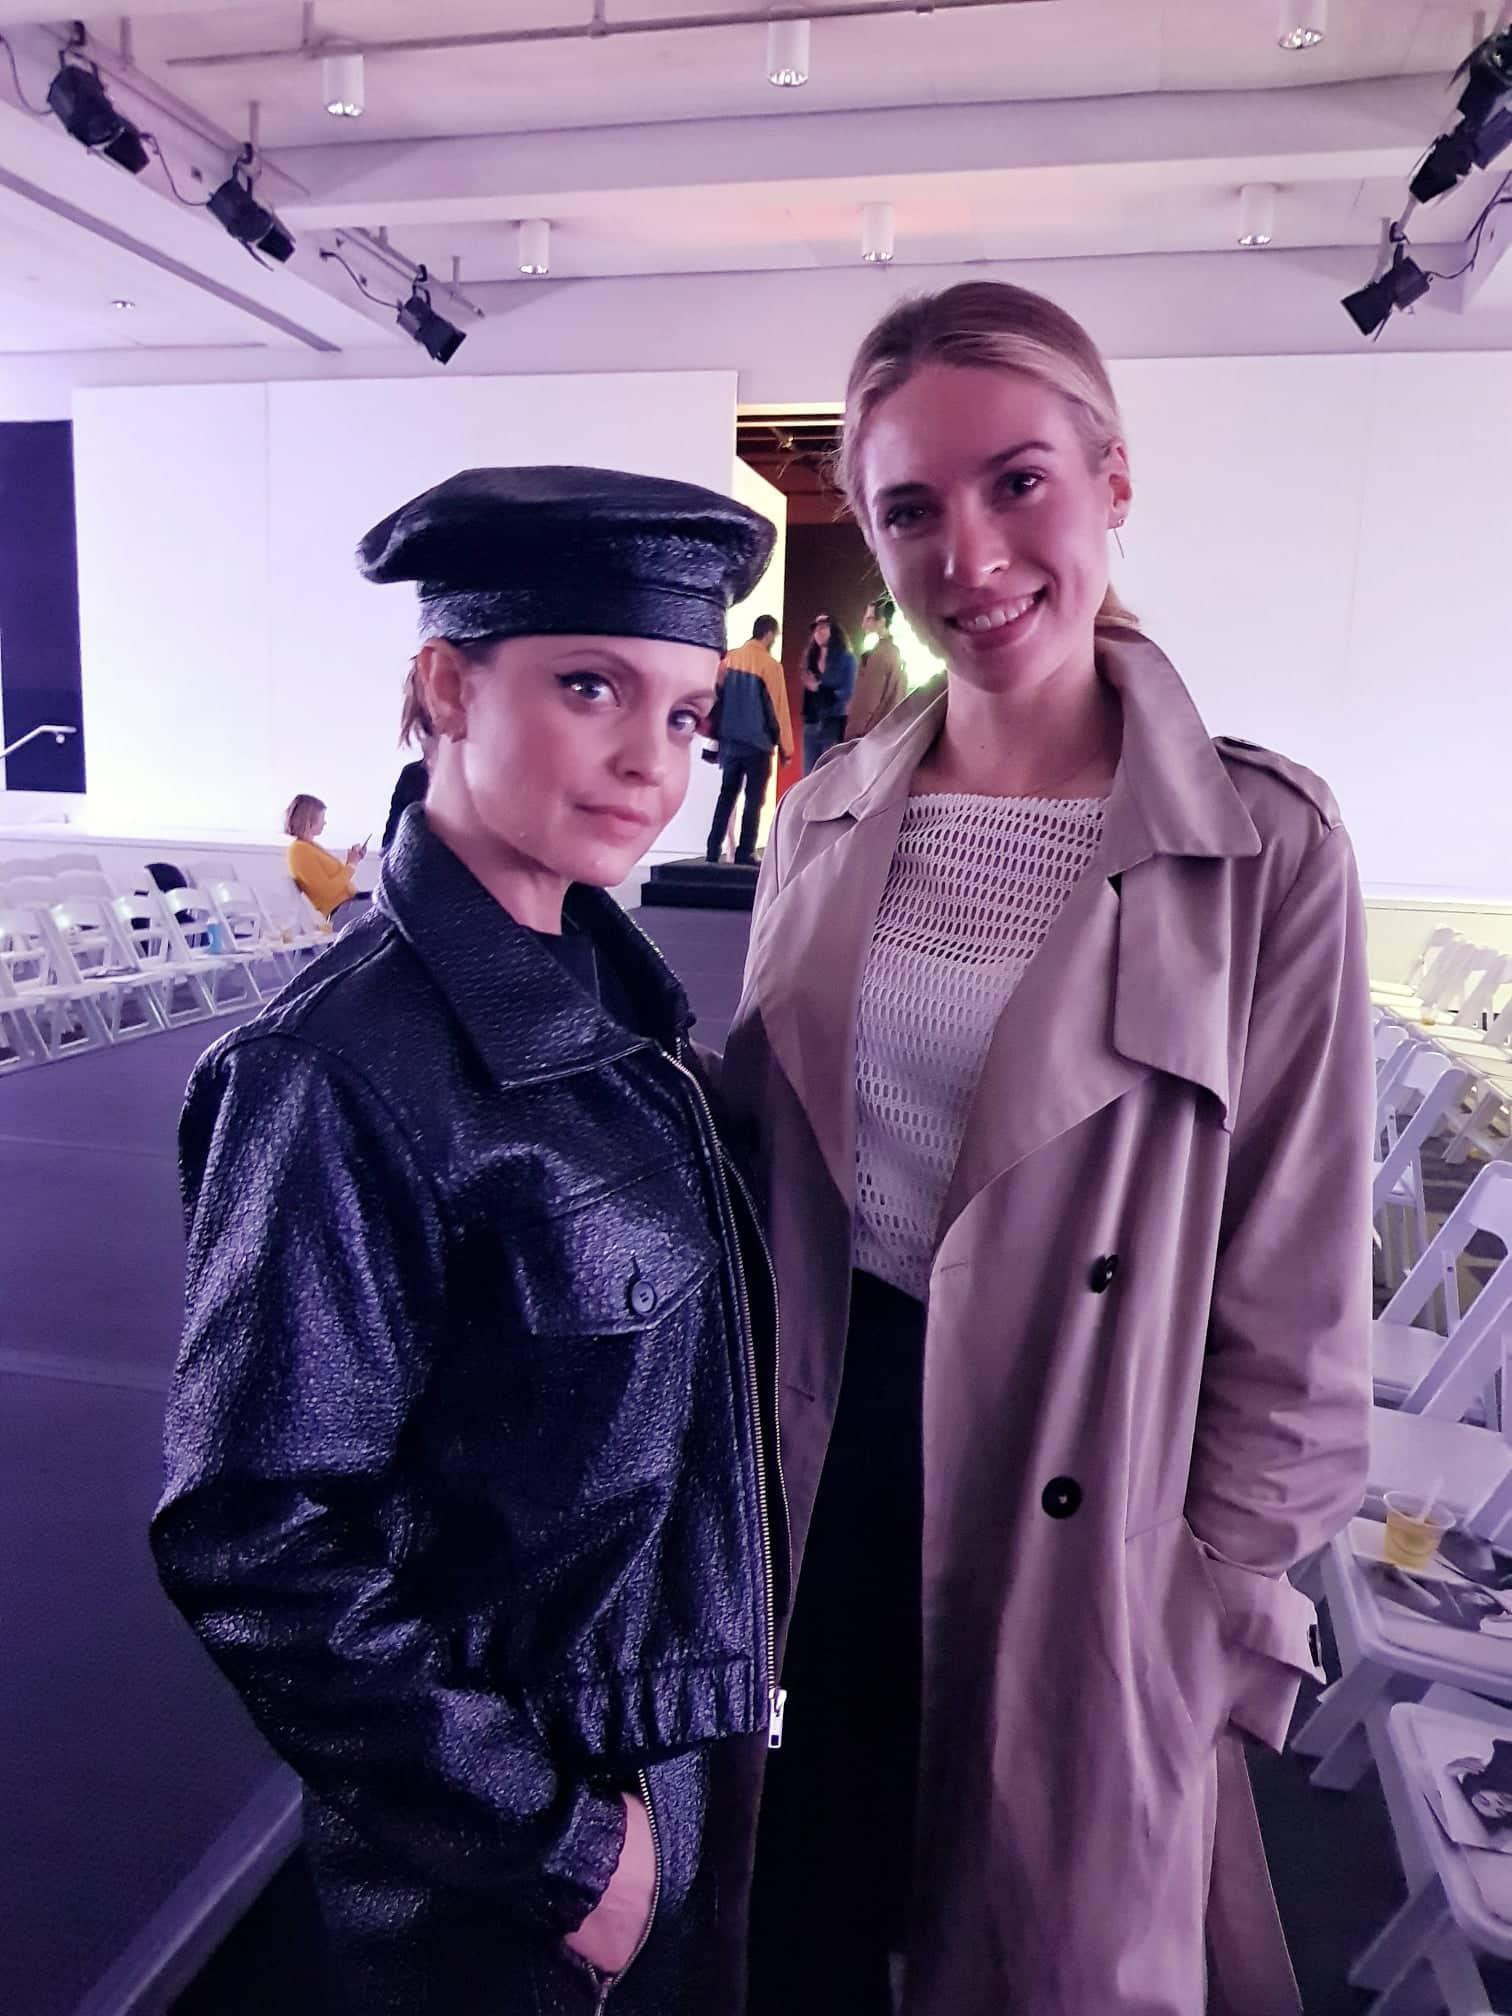 Ronja Ebeling von GALA traf Mena Suvari bei der veganen Fashion Week in Los Angeles. Die Schauspielerin trug einen kompletten Look aus veganem Leder.